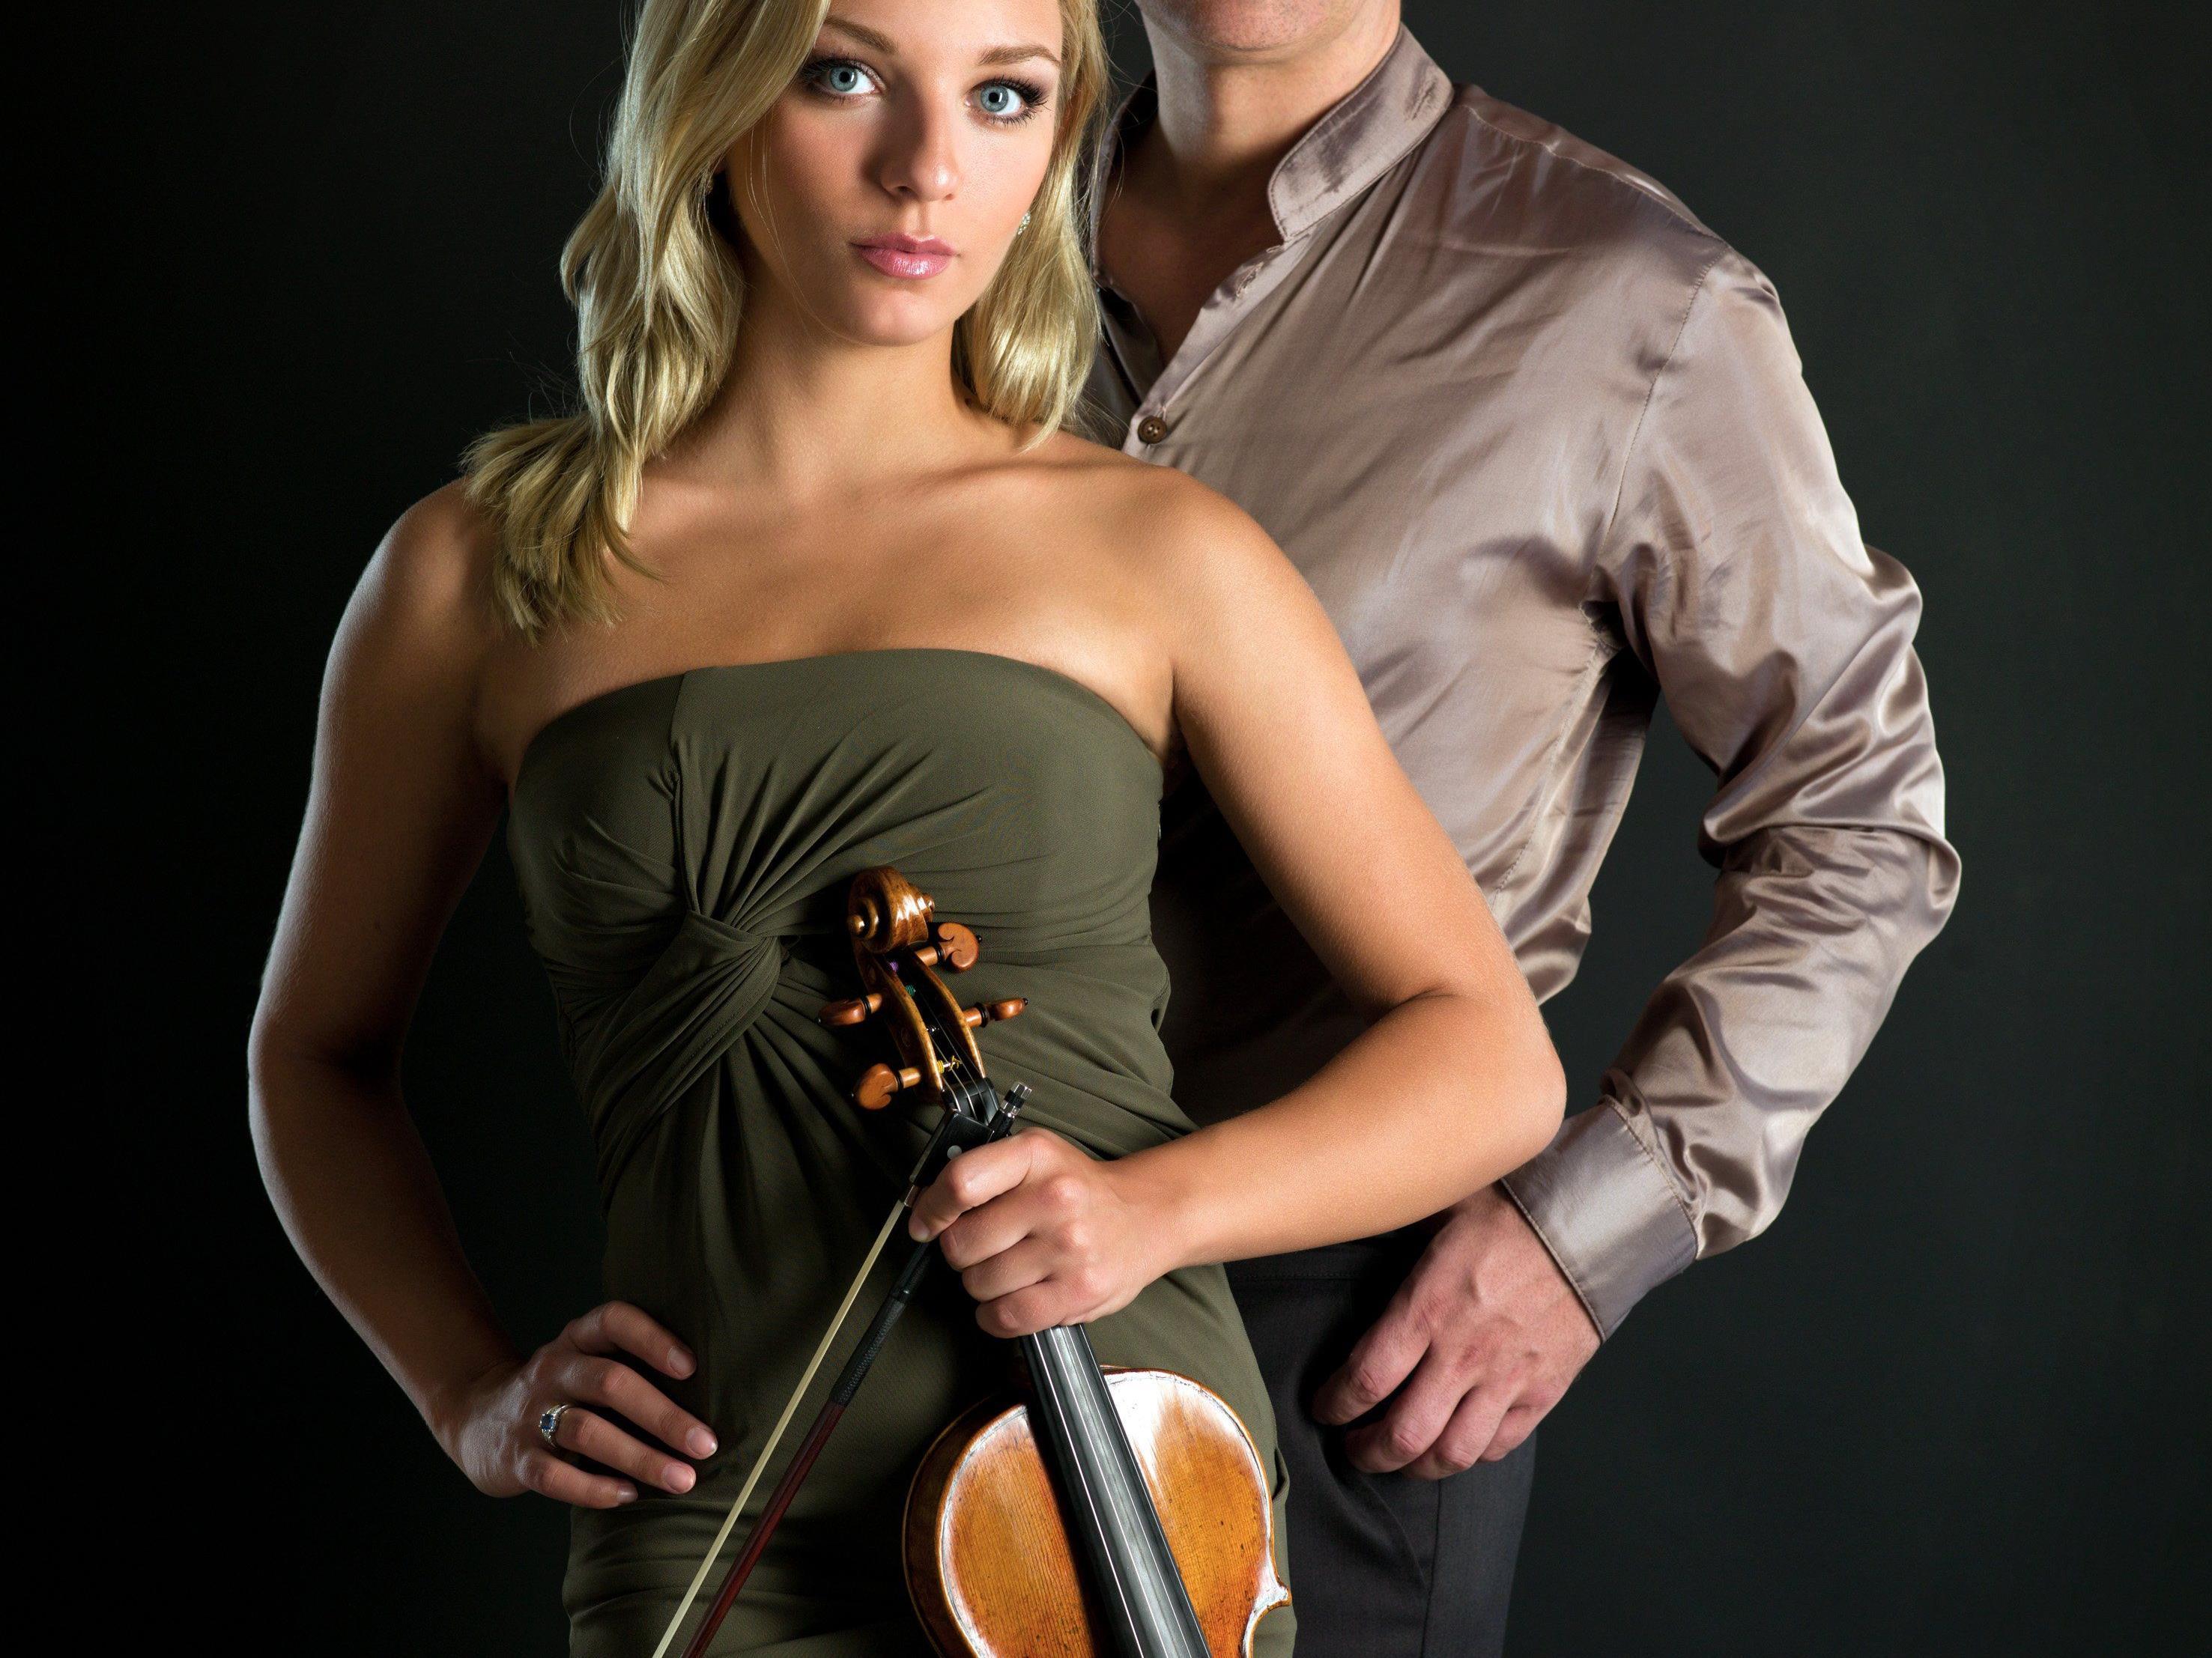 Weltstar an der Geige - Lidia Baich ist zu Gast mit Matthias Fletzberger in der Remise